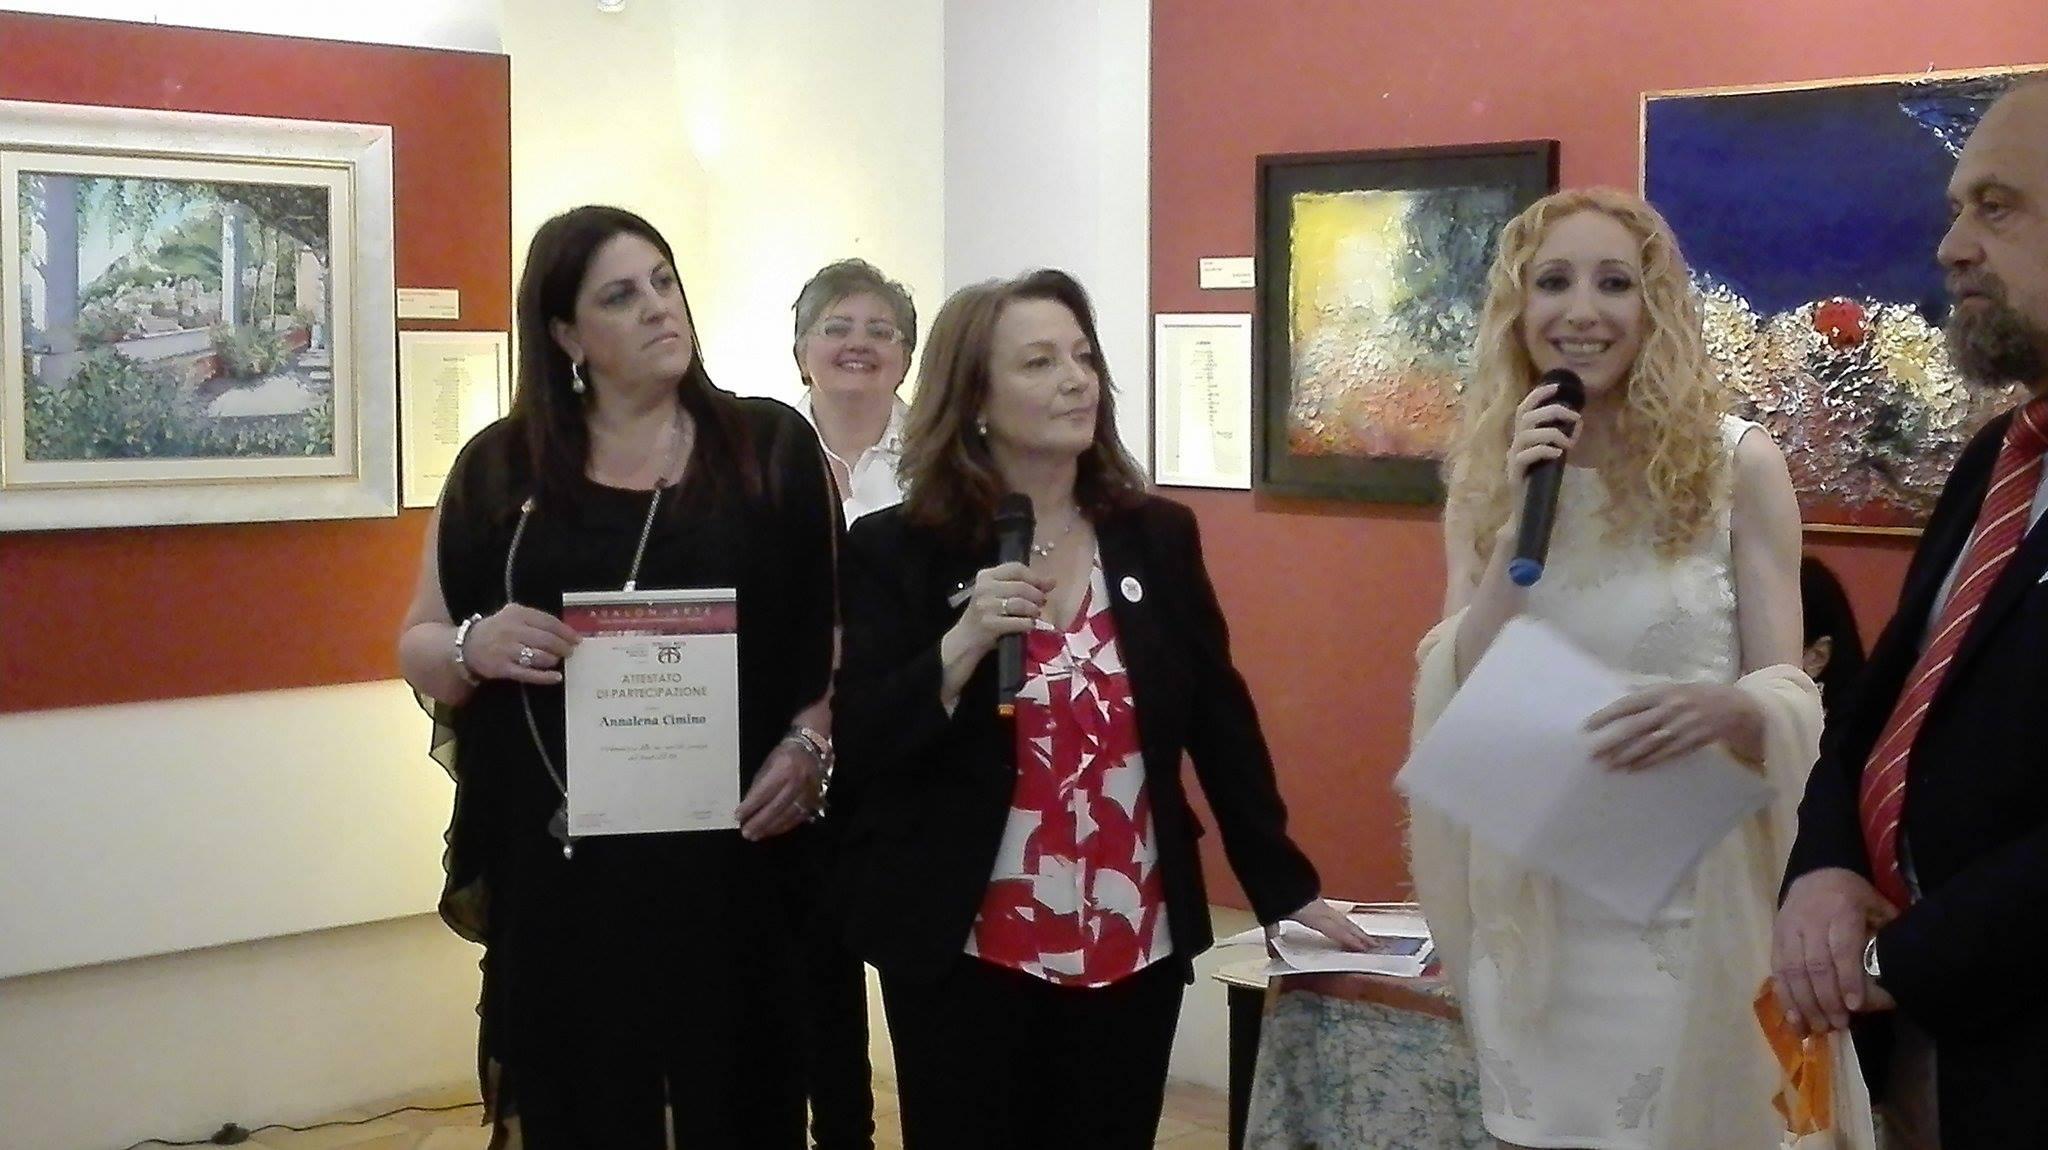 """Primo posto per Annalena Cimino come """"Poeta più votato dal pubblico"""" all'Expo di Arte Contemporanea e Poesia di Avalon Arte a Cava de' Tirreni"""